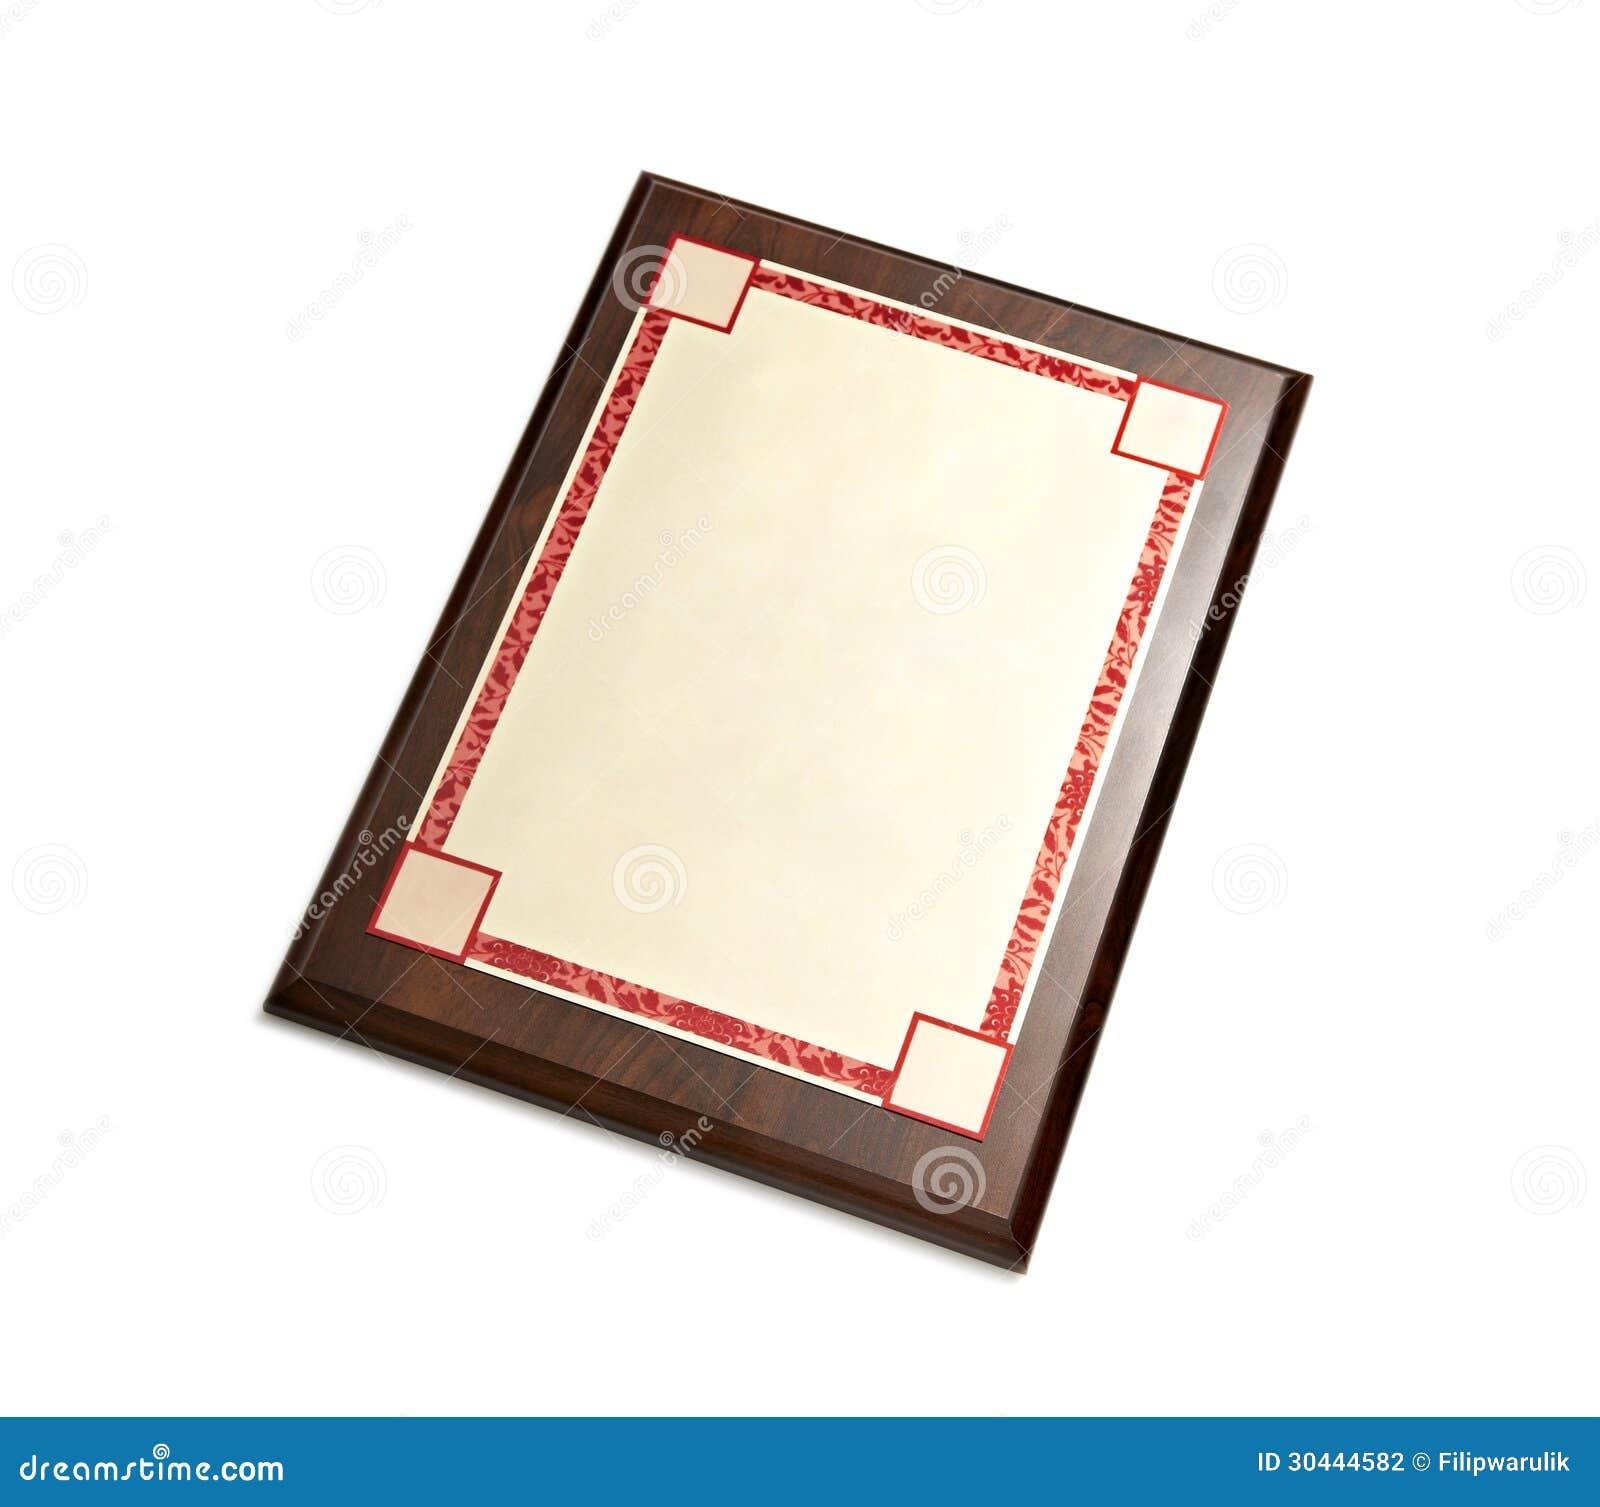 Diploma Frame stock illustration. Illustration of ornate - 30444582